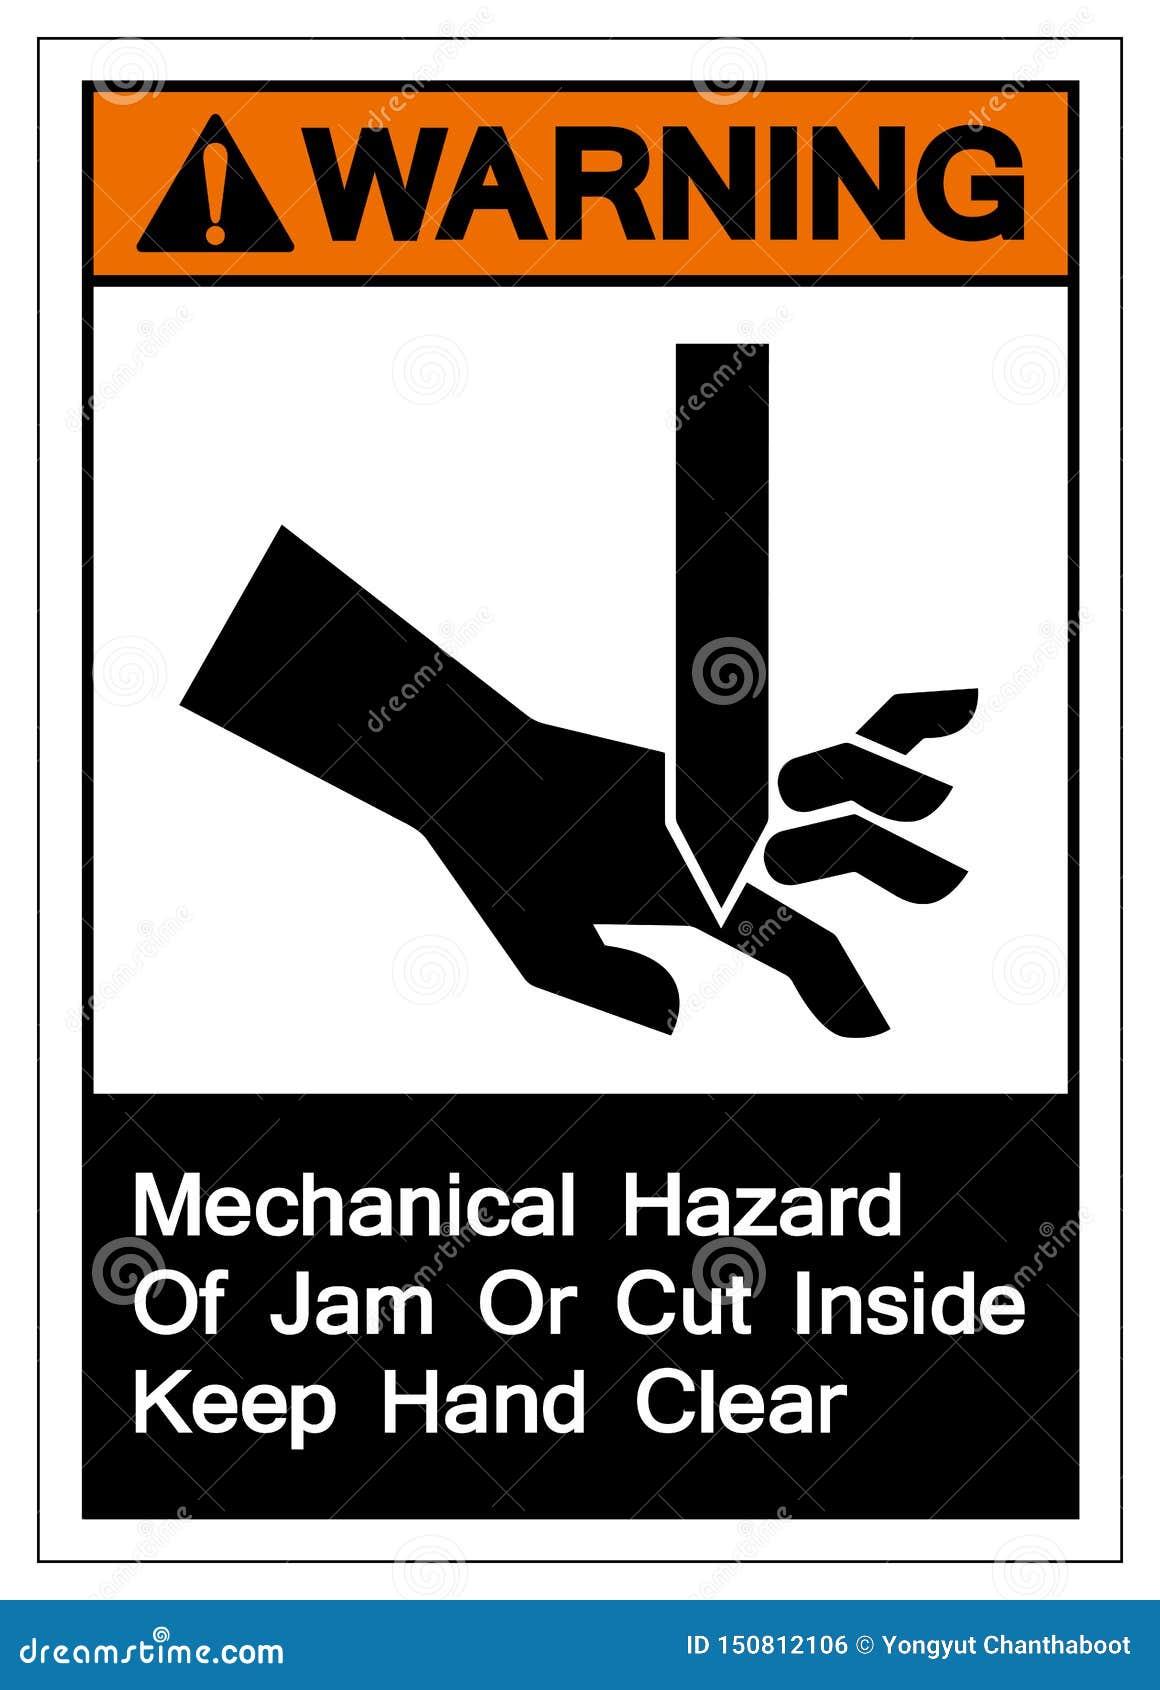 Warnende mechanische Gefahr des Staus oder Schnitt nach innen halten Handklares Symbol-Zeichen, die Vektor-Illustration, lokalisi